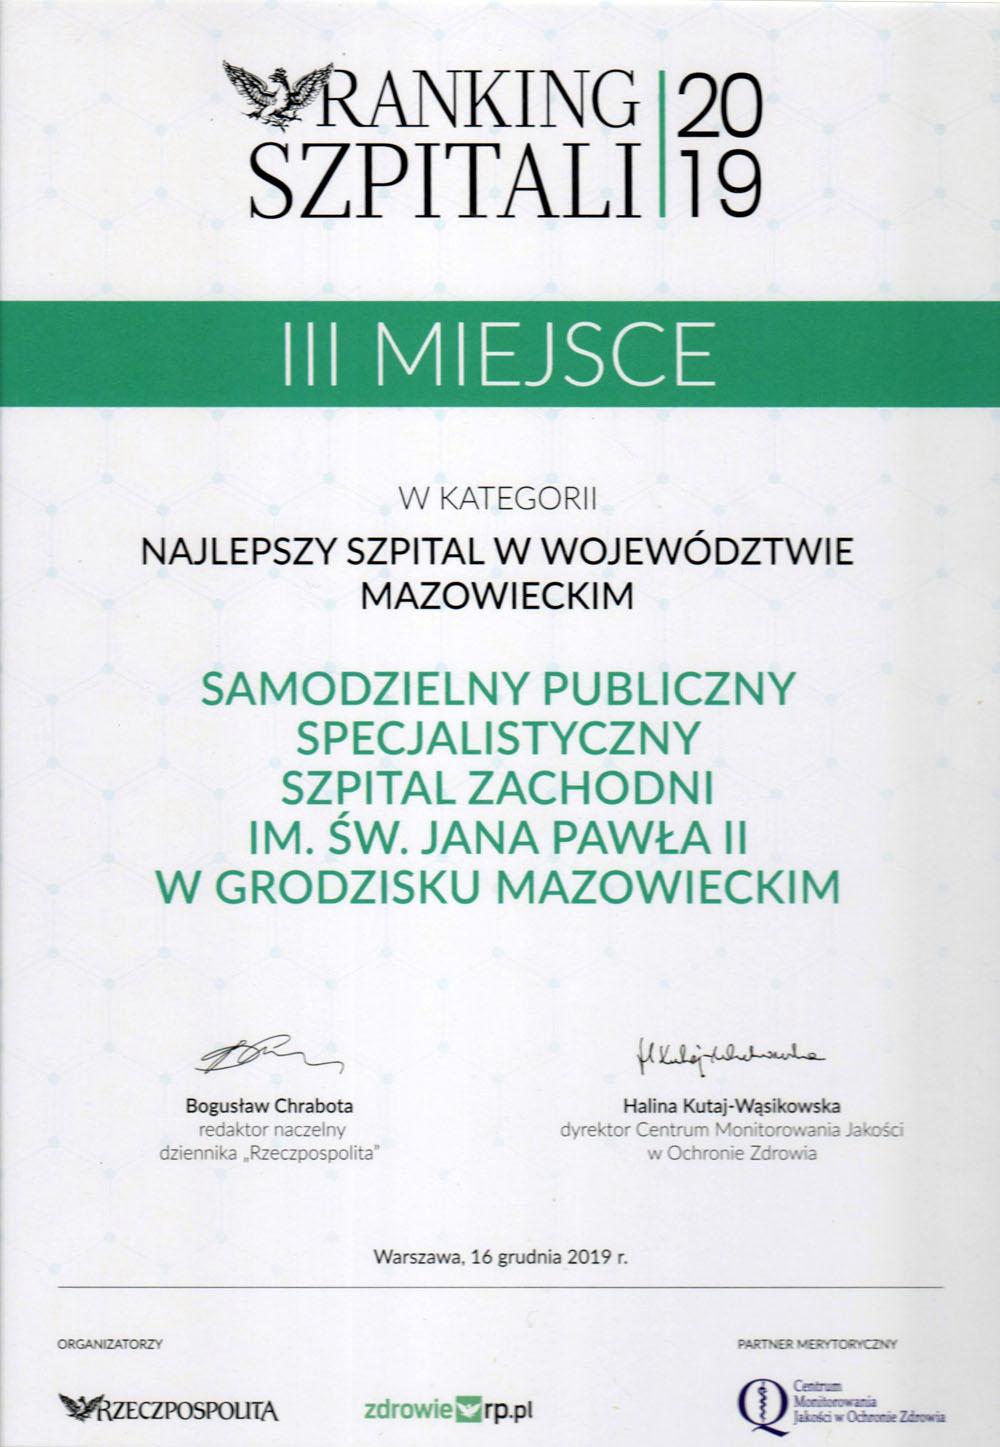 - miniatura certyfikatu - powiększ zdjęcie